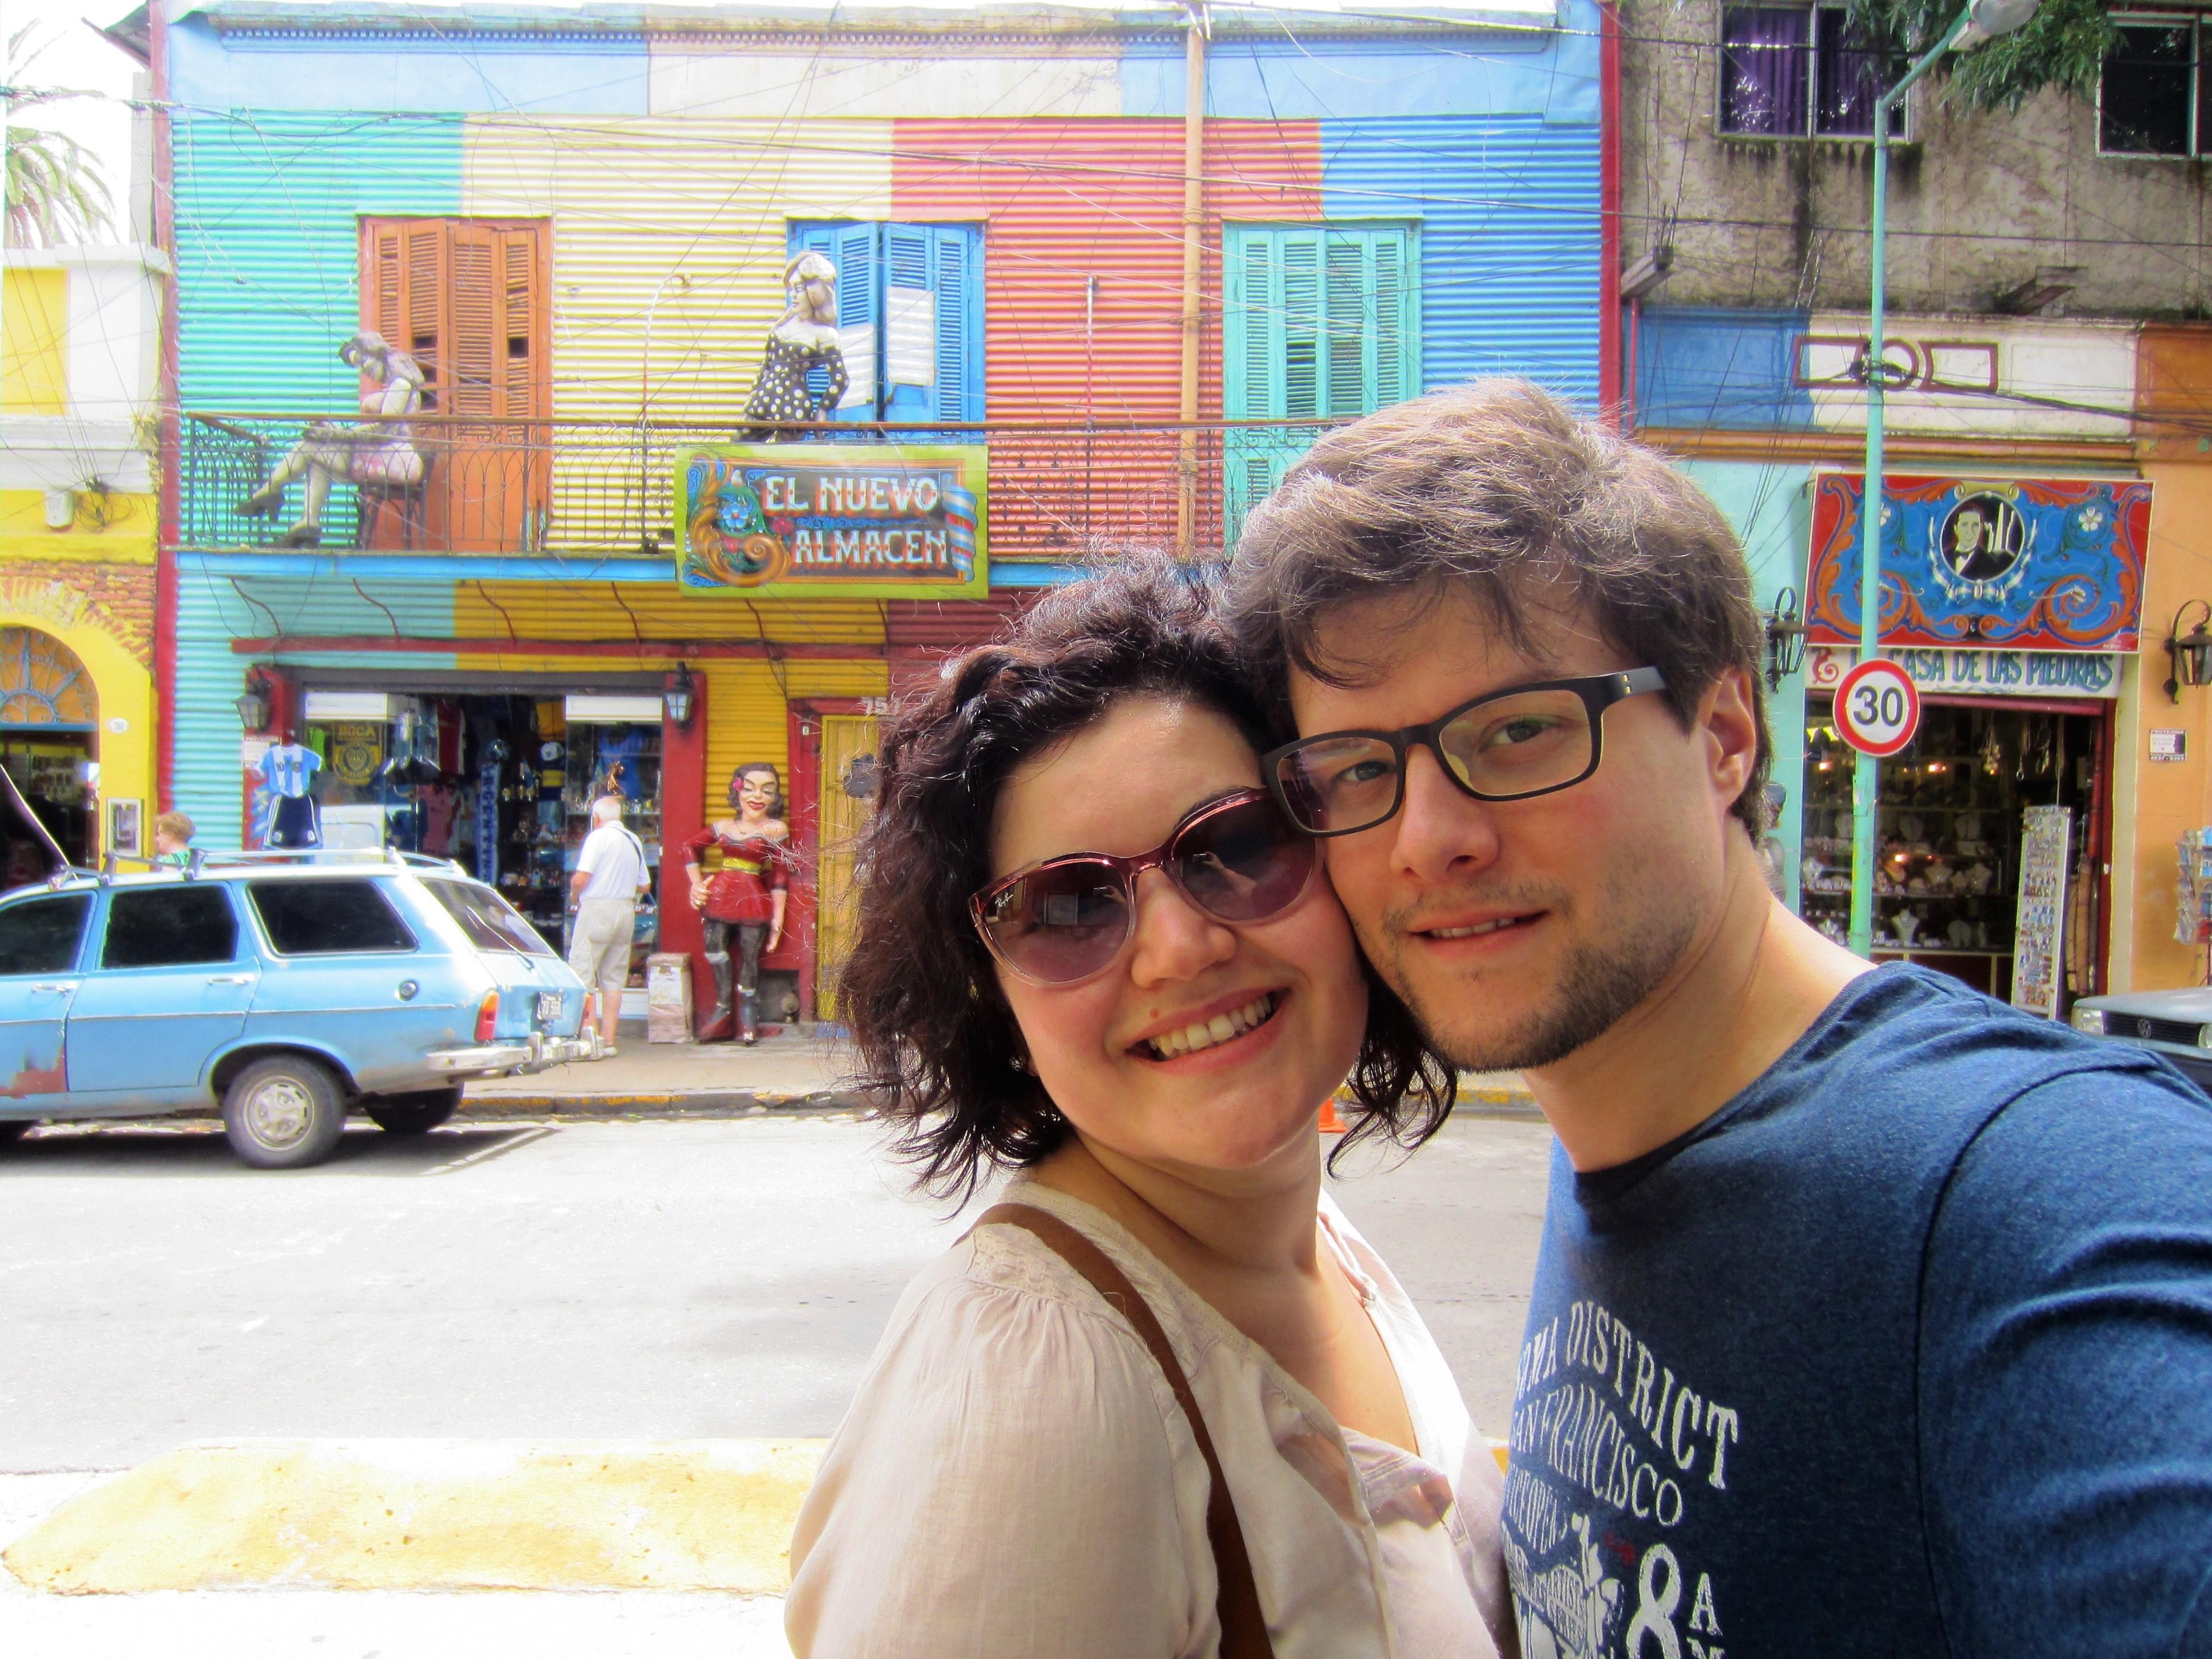 Hai Departe Buenos Aires La Boca (2)